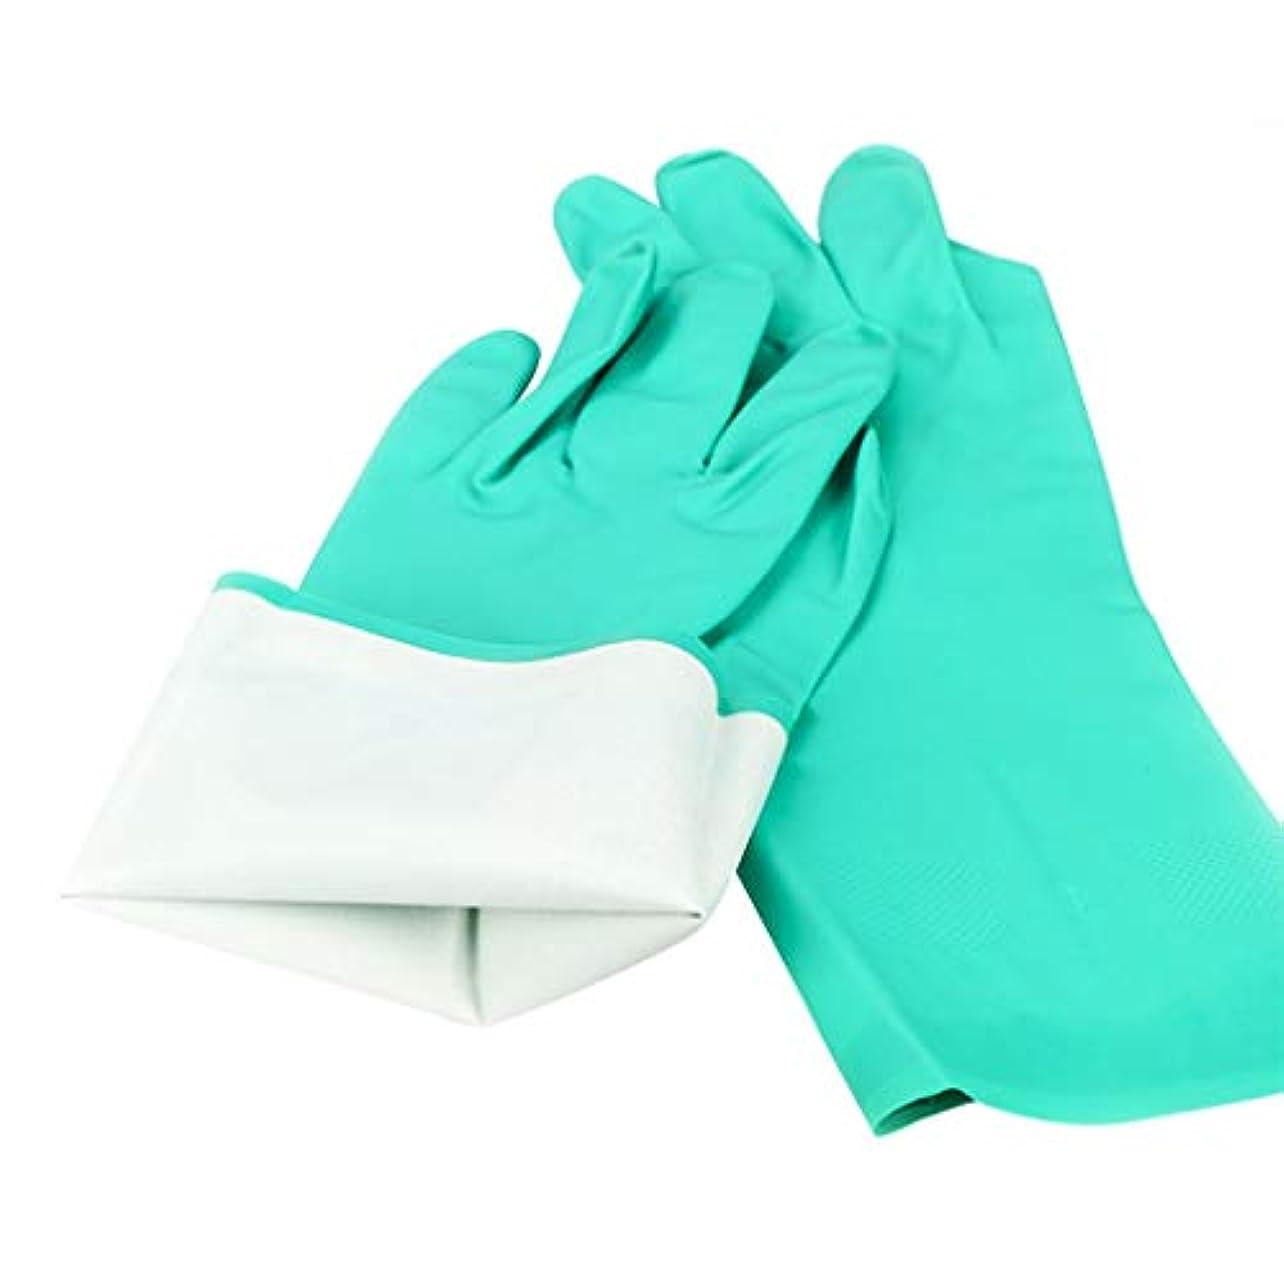 5ペア耐油性ニトリルゴム手袋 - 耐摩耗性耐油性滑り止め安全衛生丈夫な工業用保護 YANW (色 : 緑, サイズ さいず : L l)